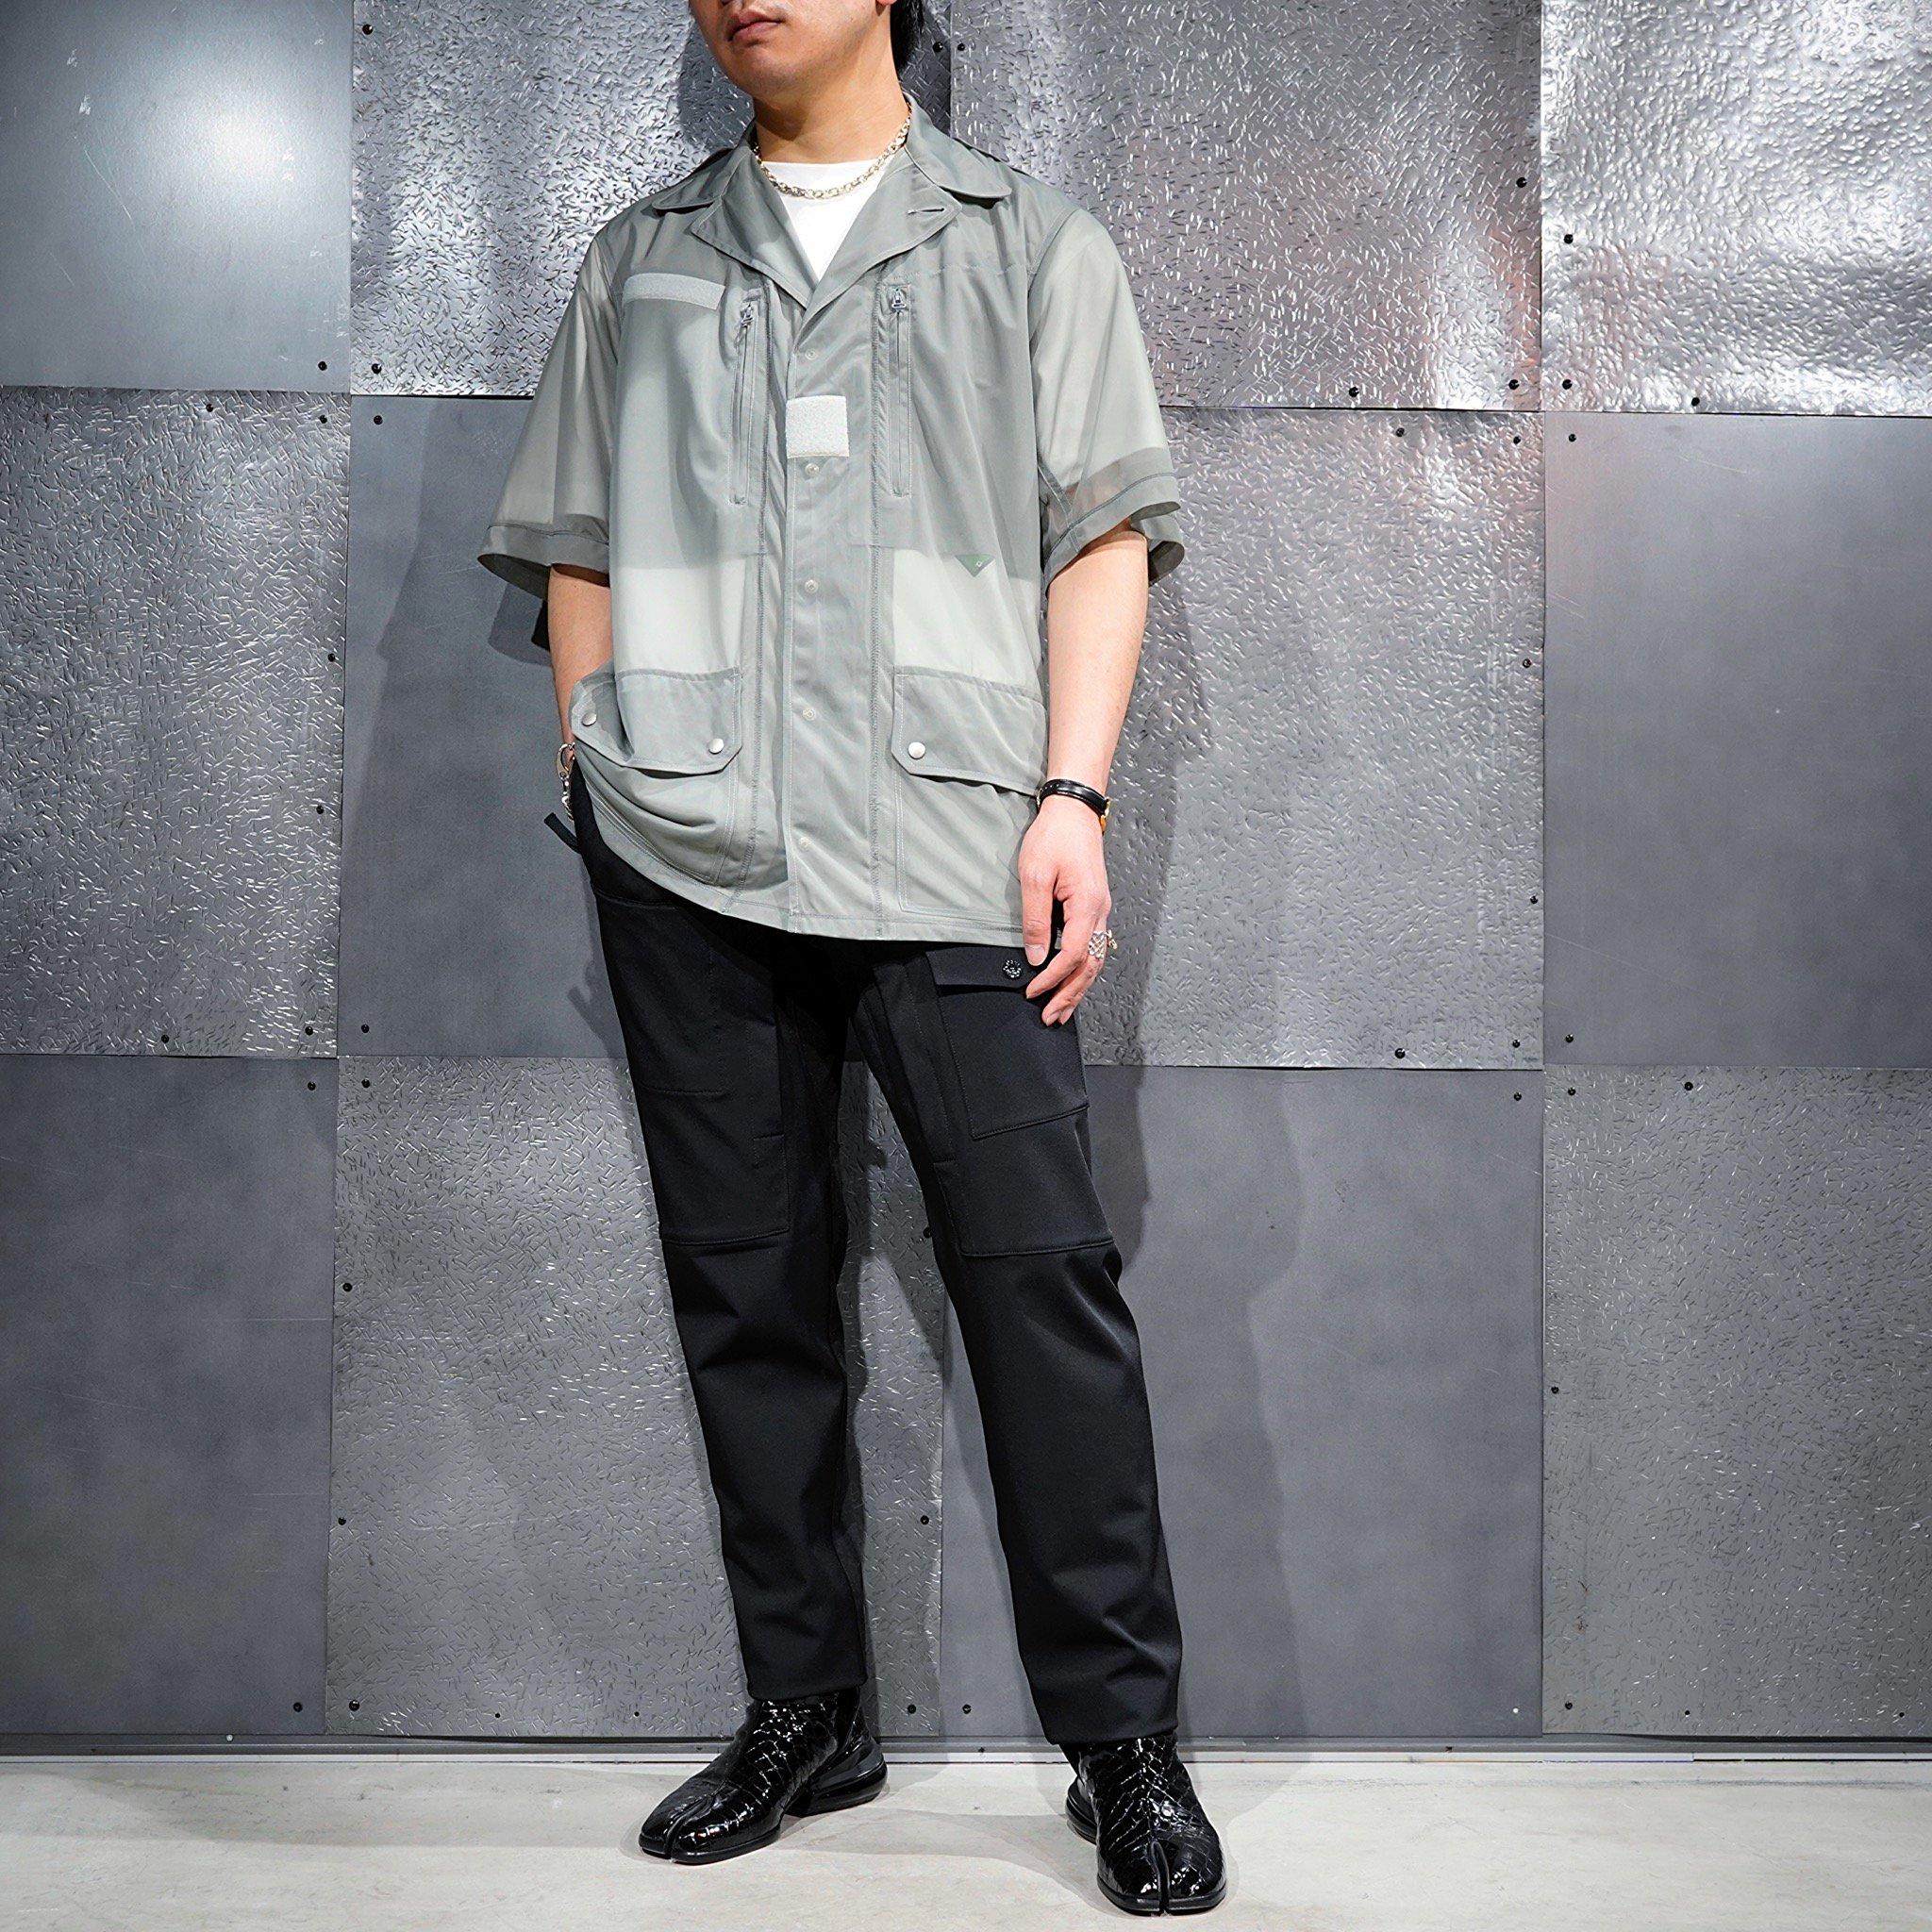 【08sircus】<br>ハイゲージ チュールアーミーシャツブルゾン